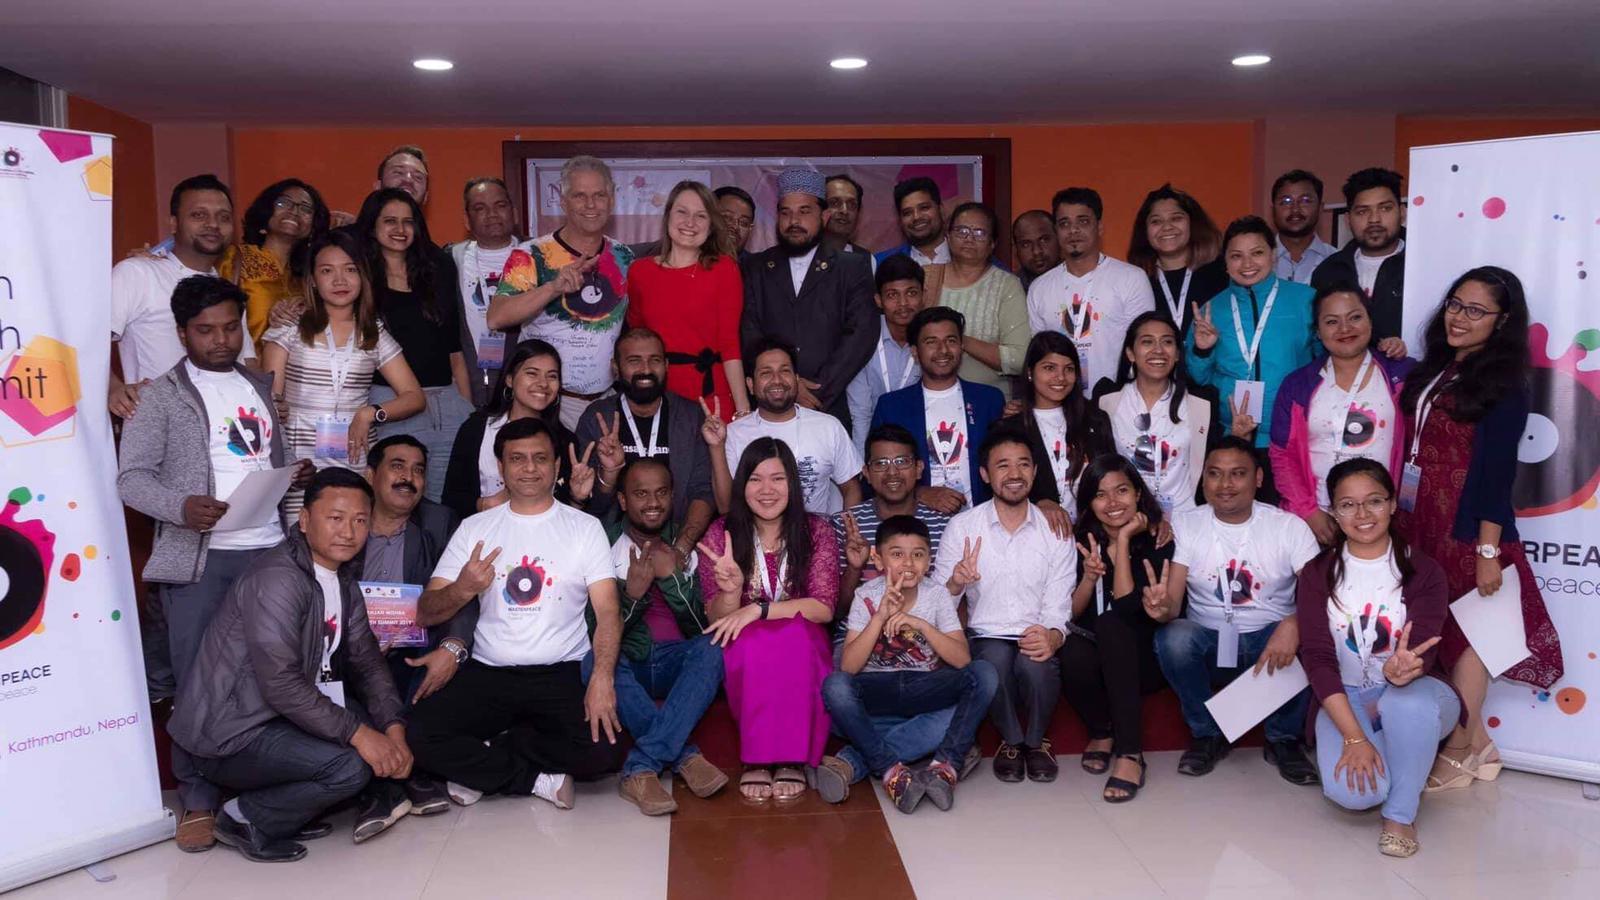 Nepal: MasterPeace Asian Youth Summit